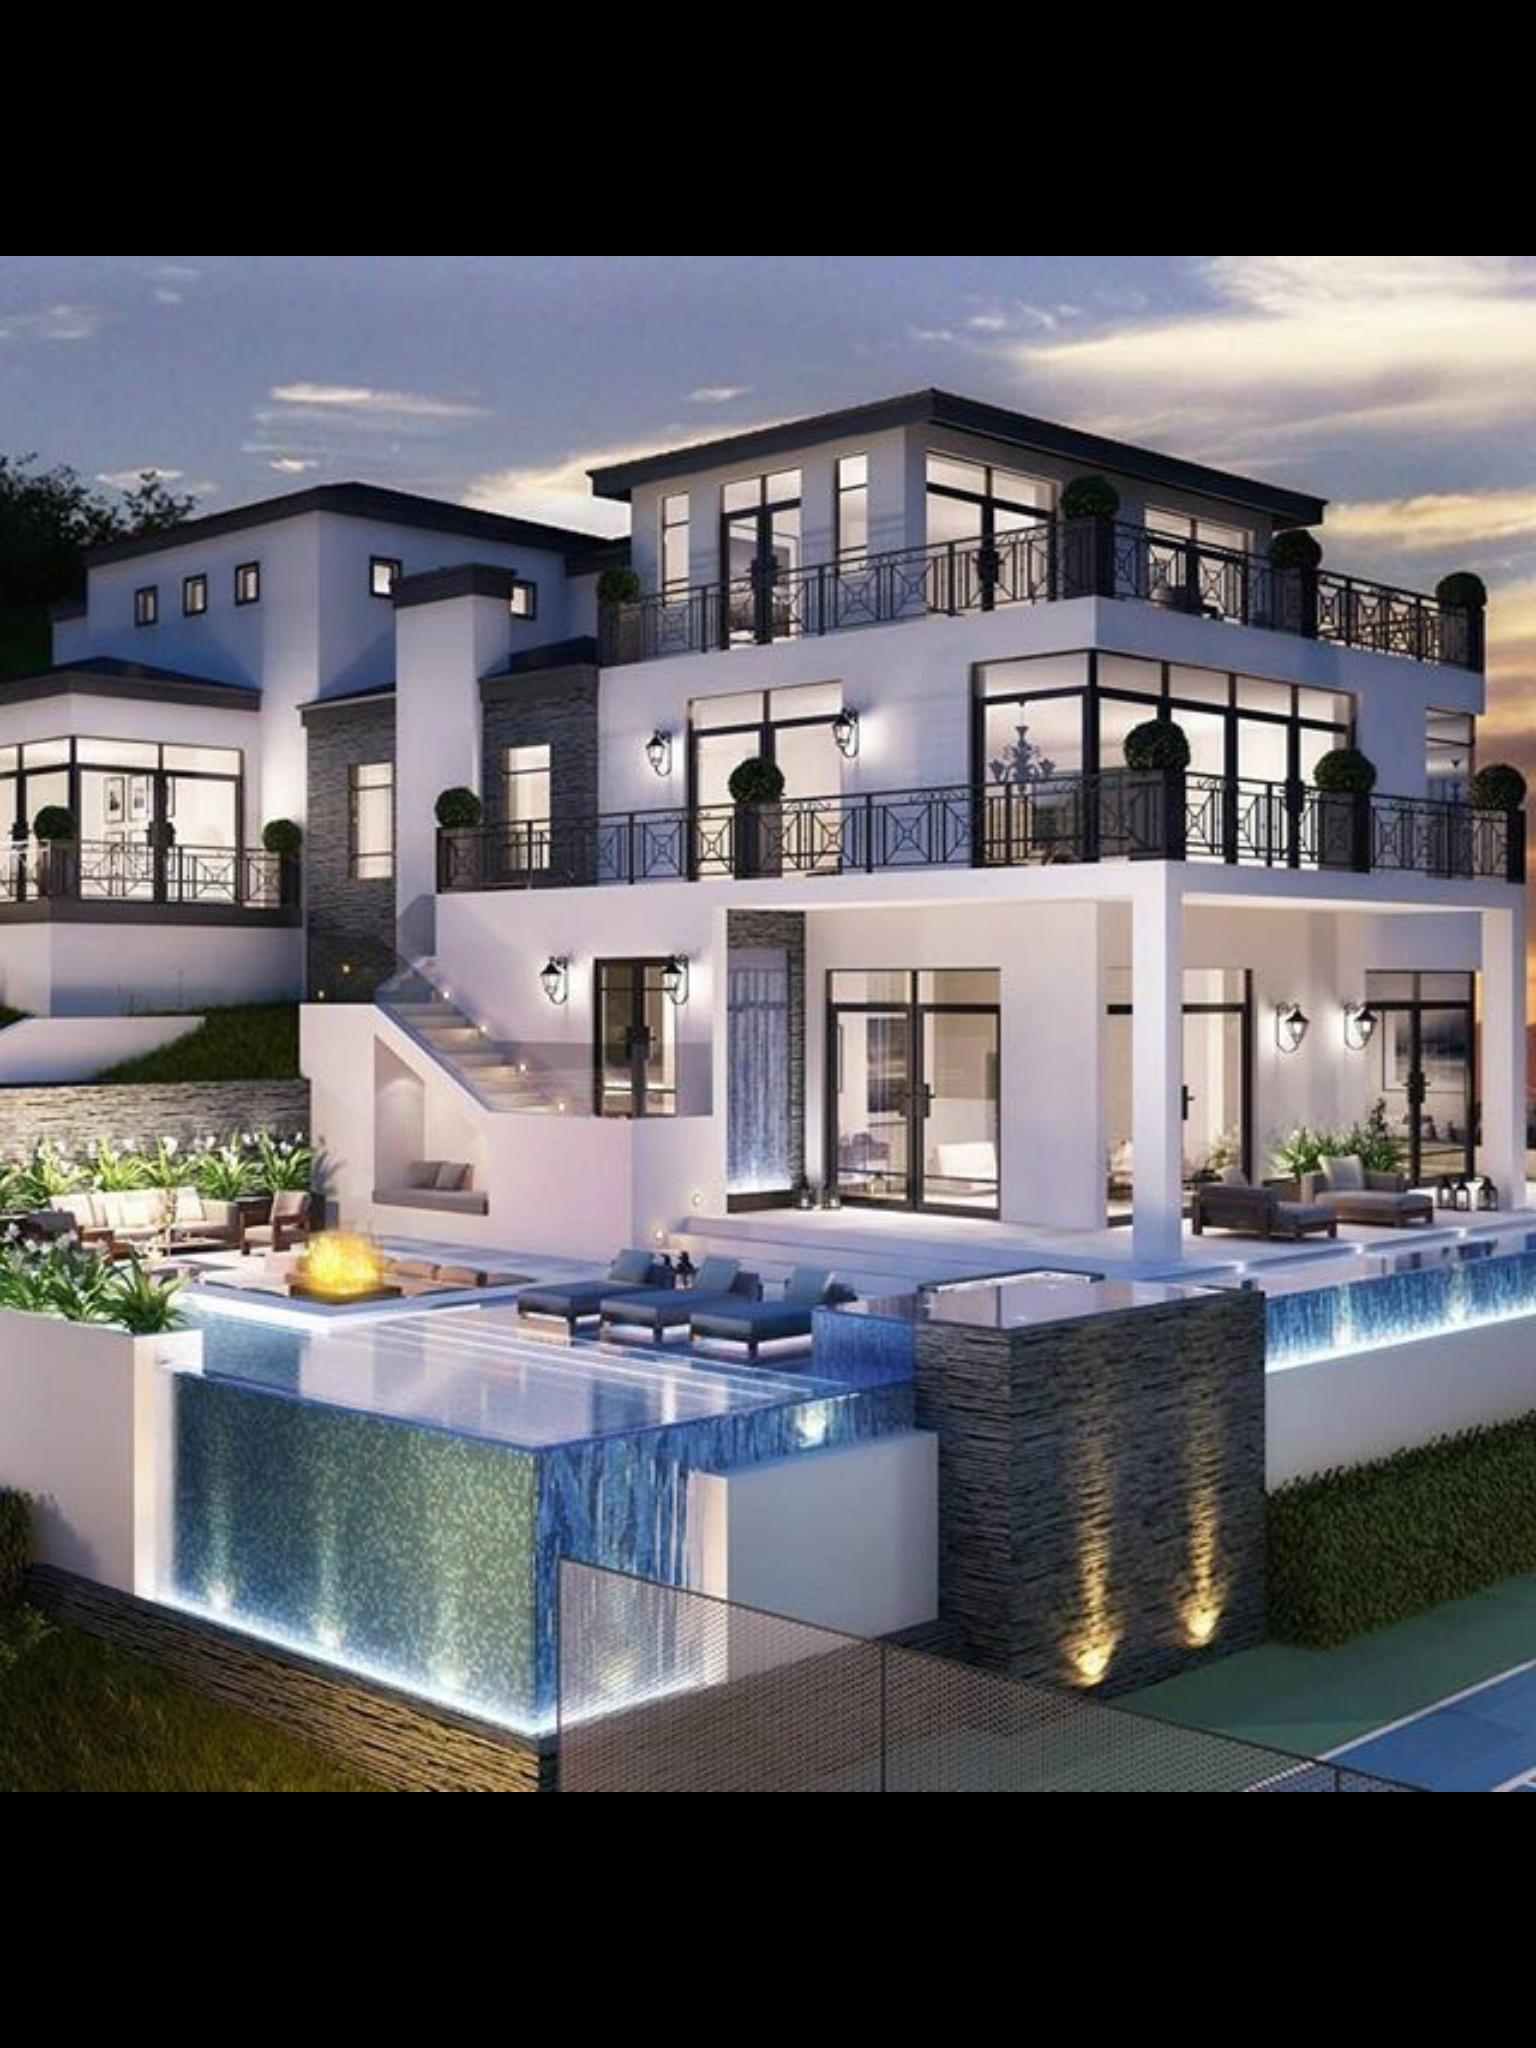 54 Stunning Dream Homes Mega Mansions From Social Media